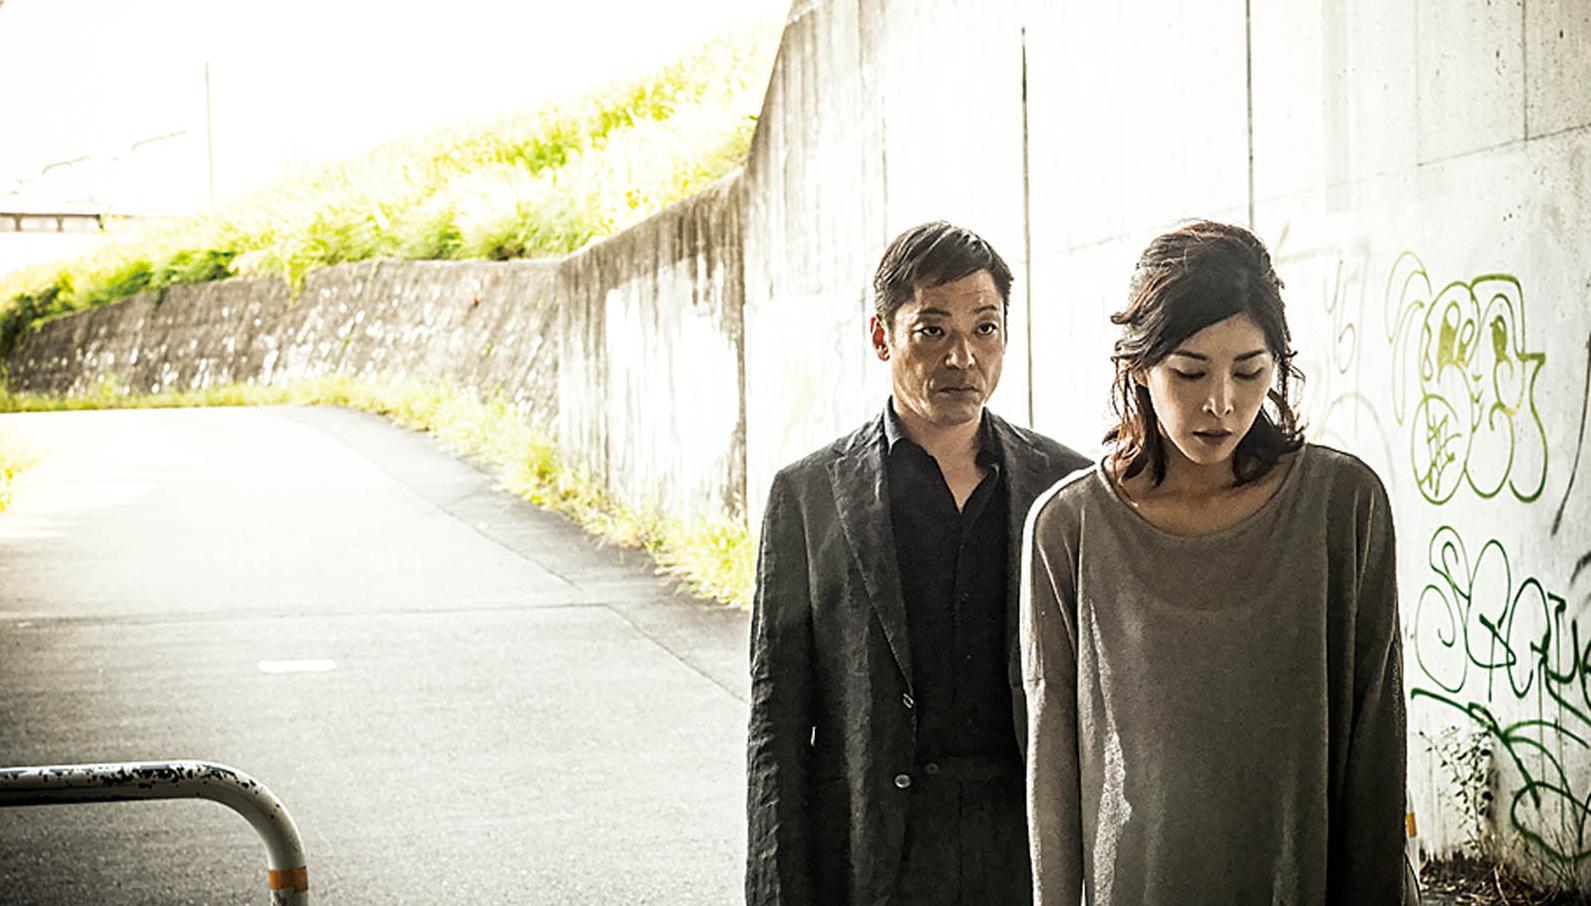 critique-cinc3a9ma -creepy-kiyoshi-kurosawa-teruyuki-kagawa-copyright-eurozoom.jpg